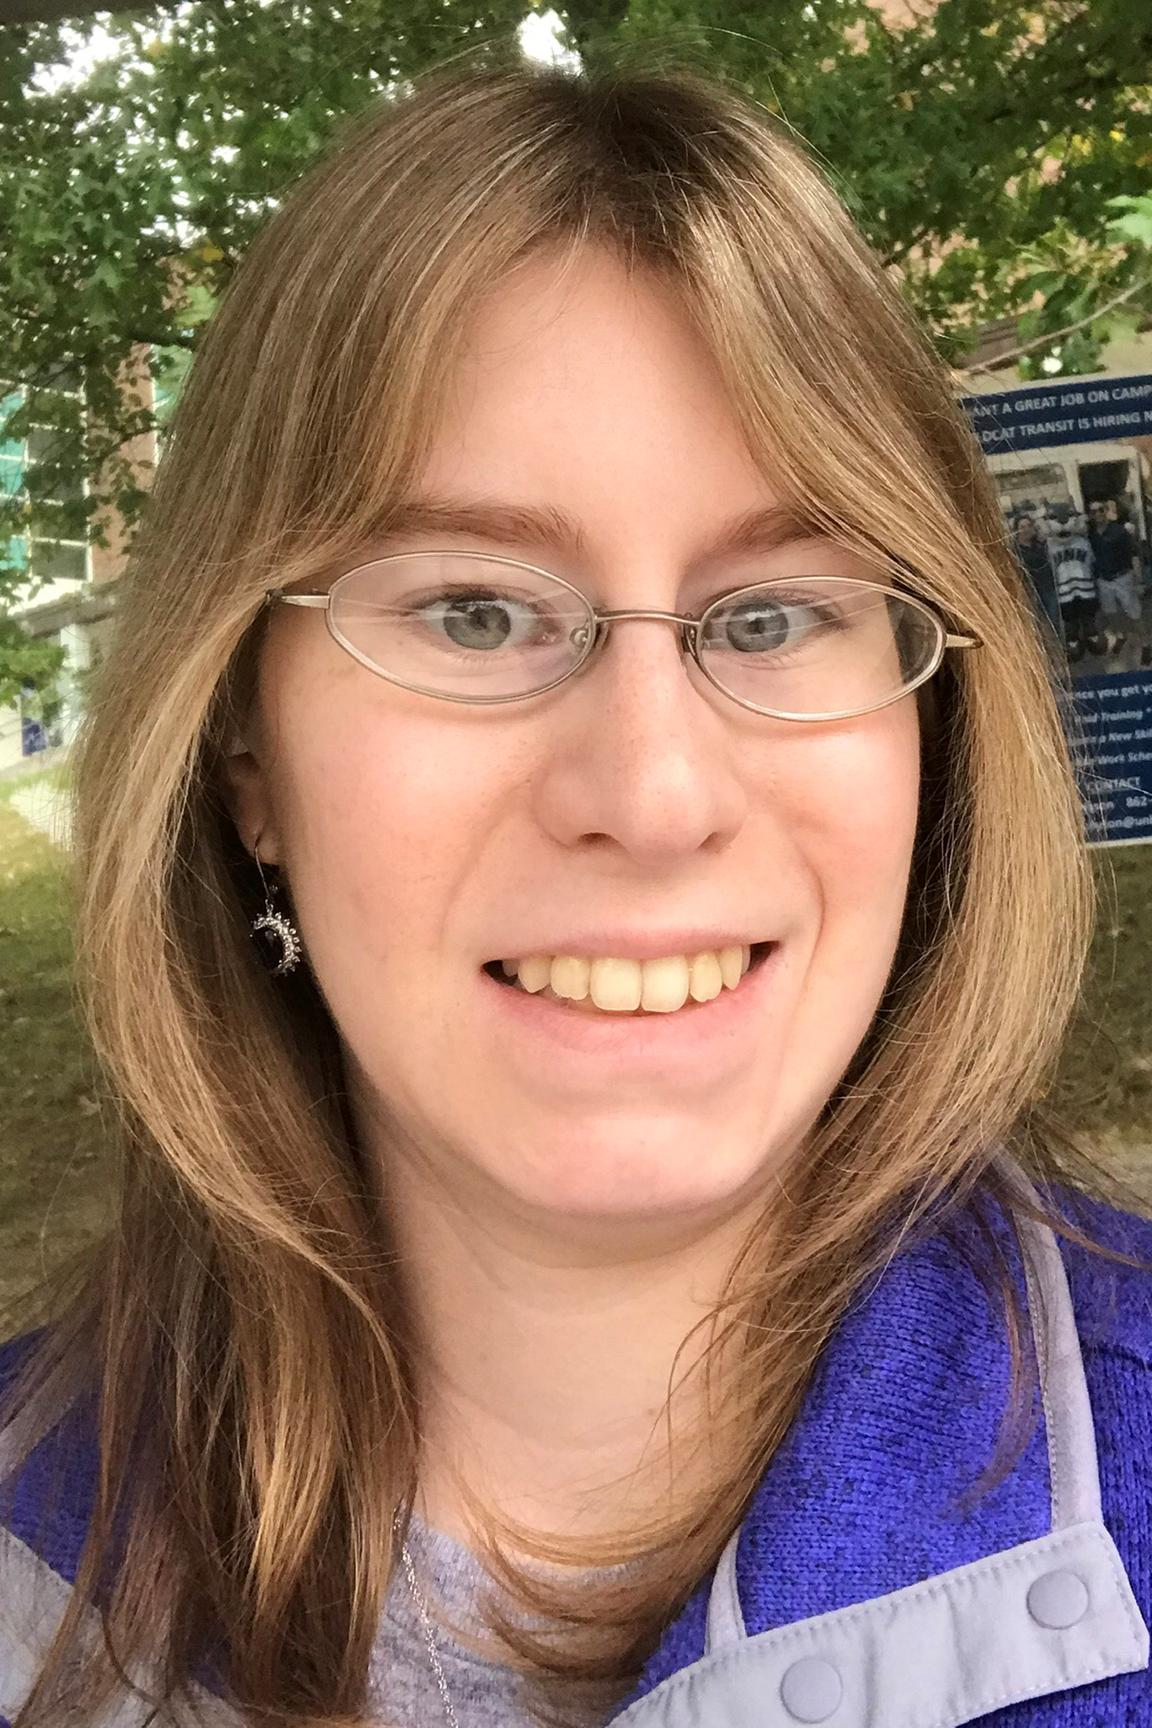 Amanda Tellier MS in Statistics Student